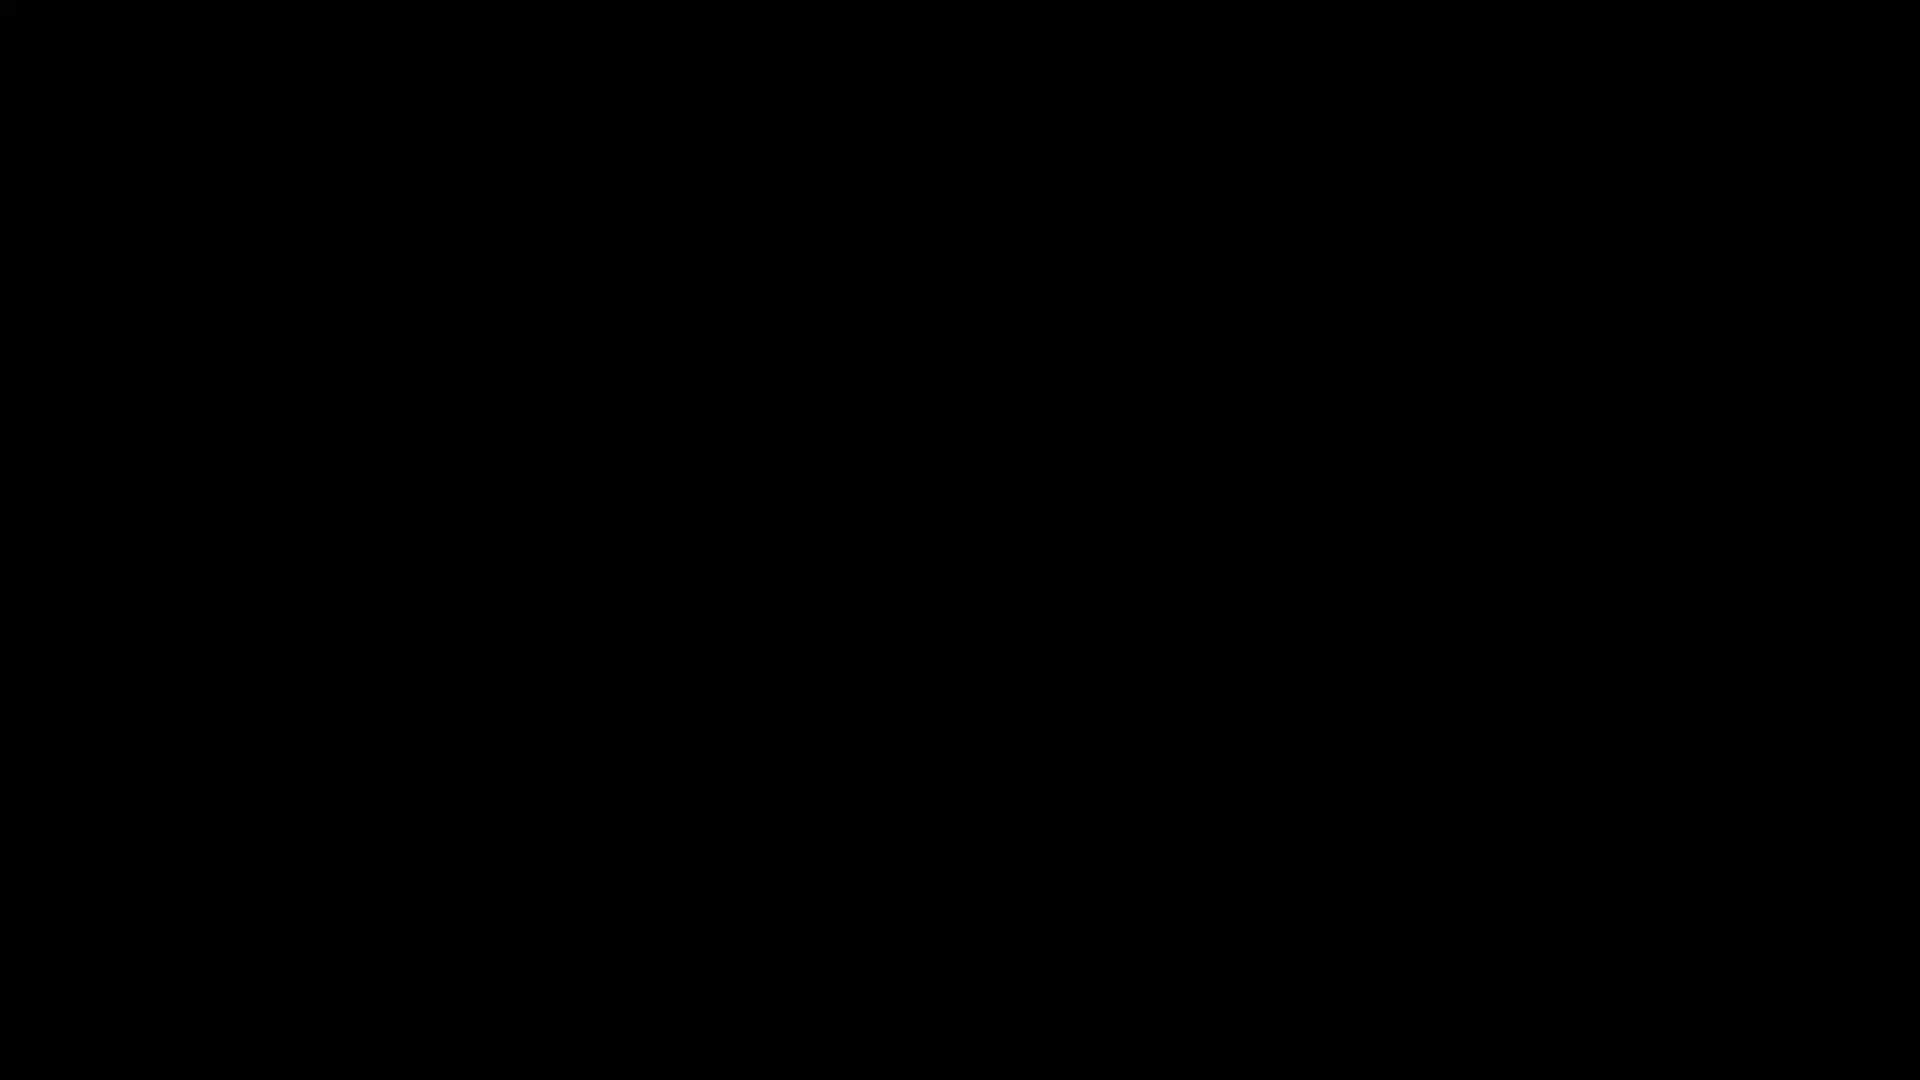 Amazon.es:Opiniones de clientes: Echo Plus (2.ª generación) - Sonido de alta calidad y controlador de Hogar digital integrado, tela de color gris oscuro